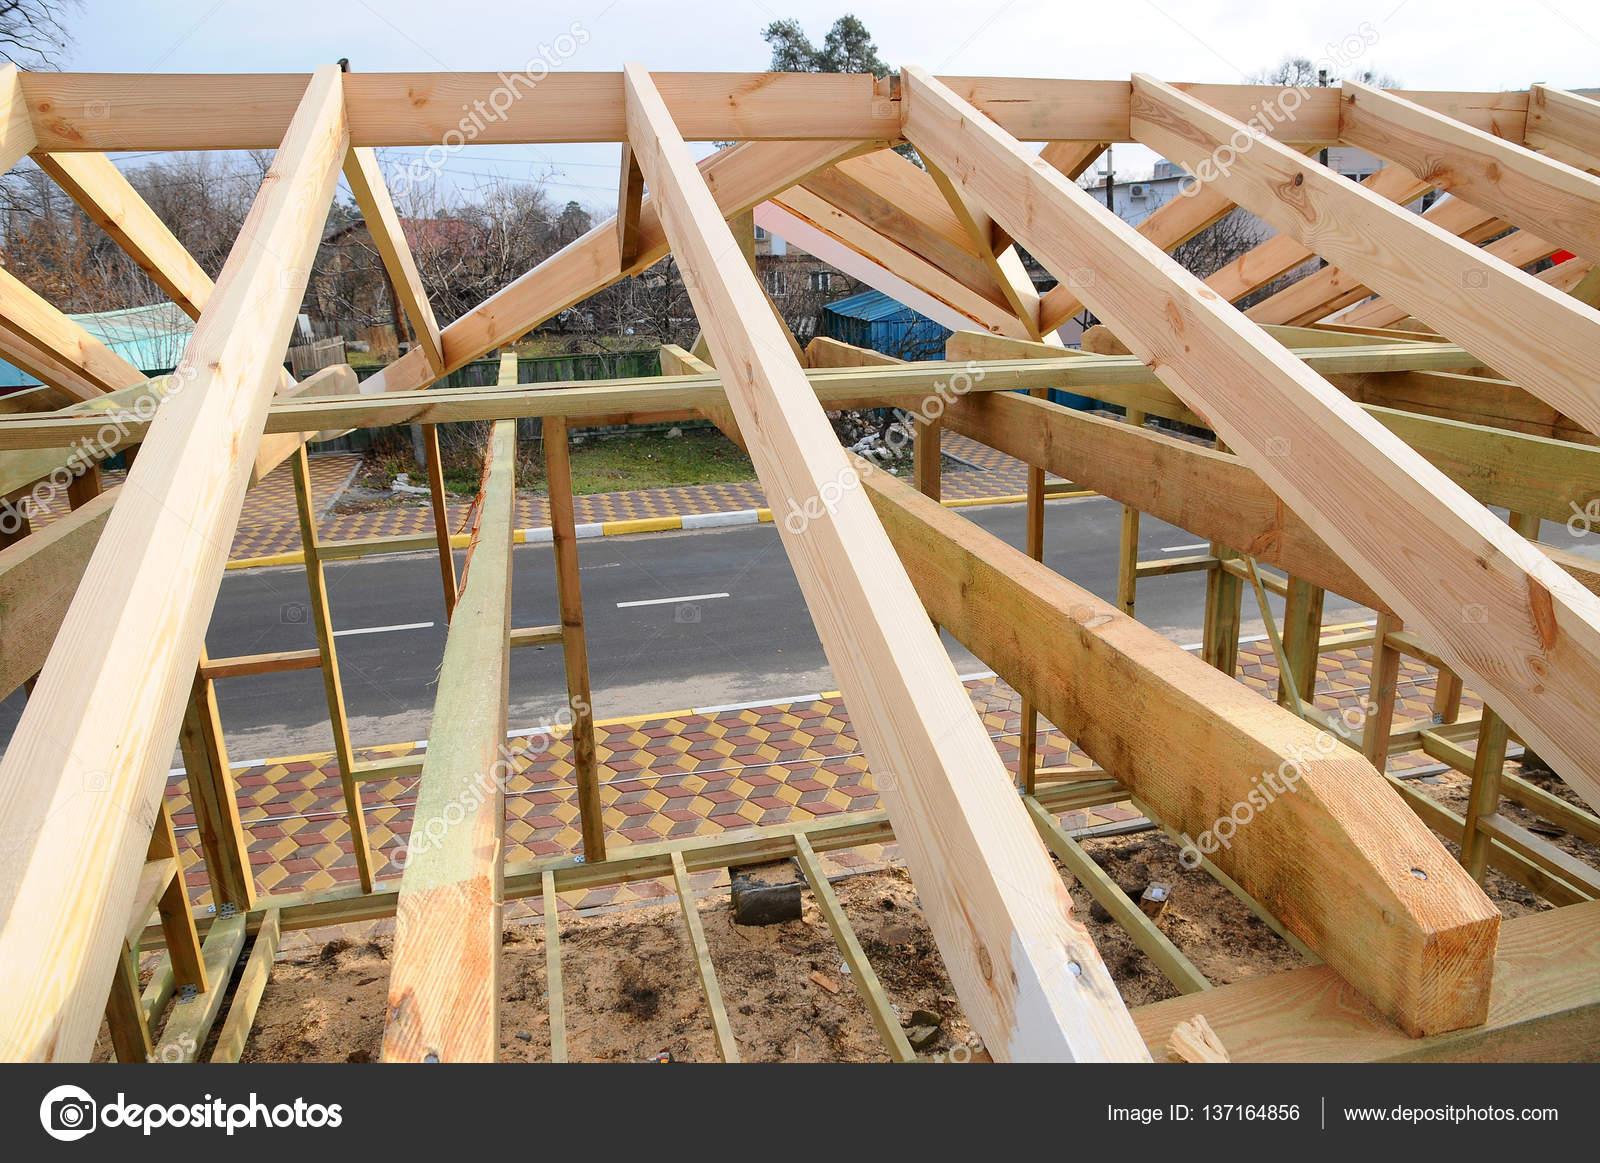 фото крыш домов деревянная структура здания деревянный